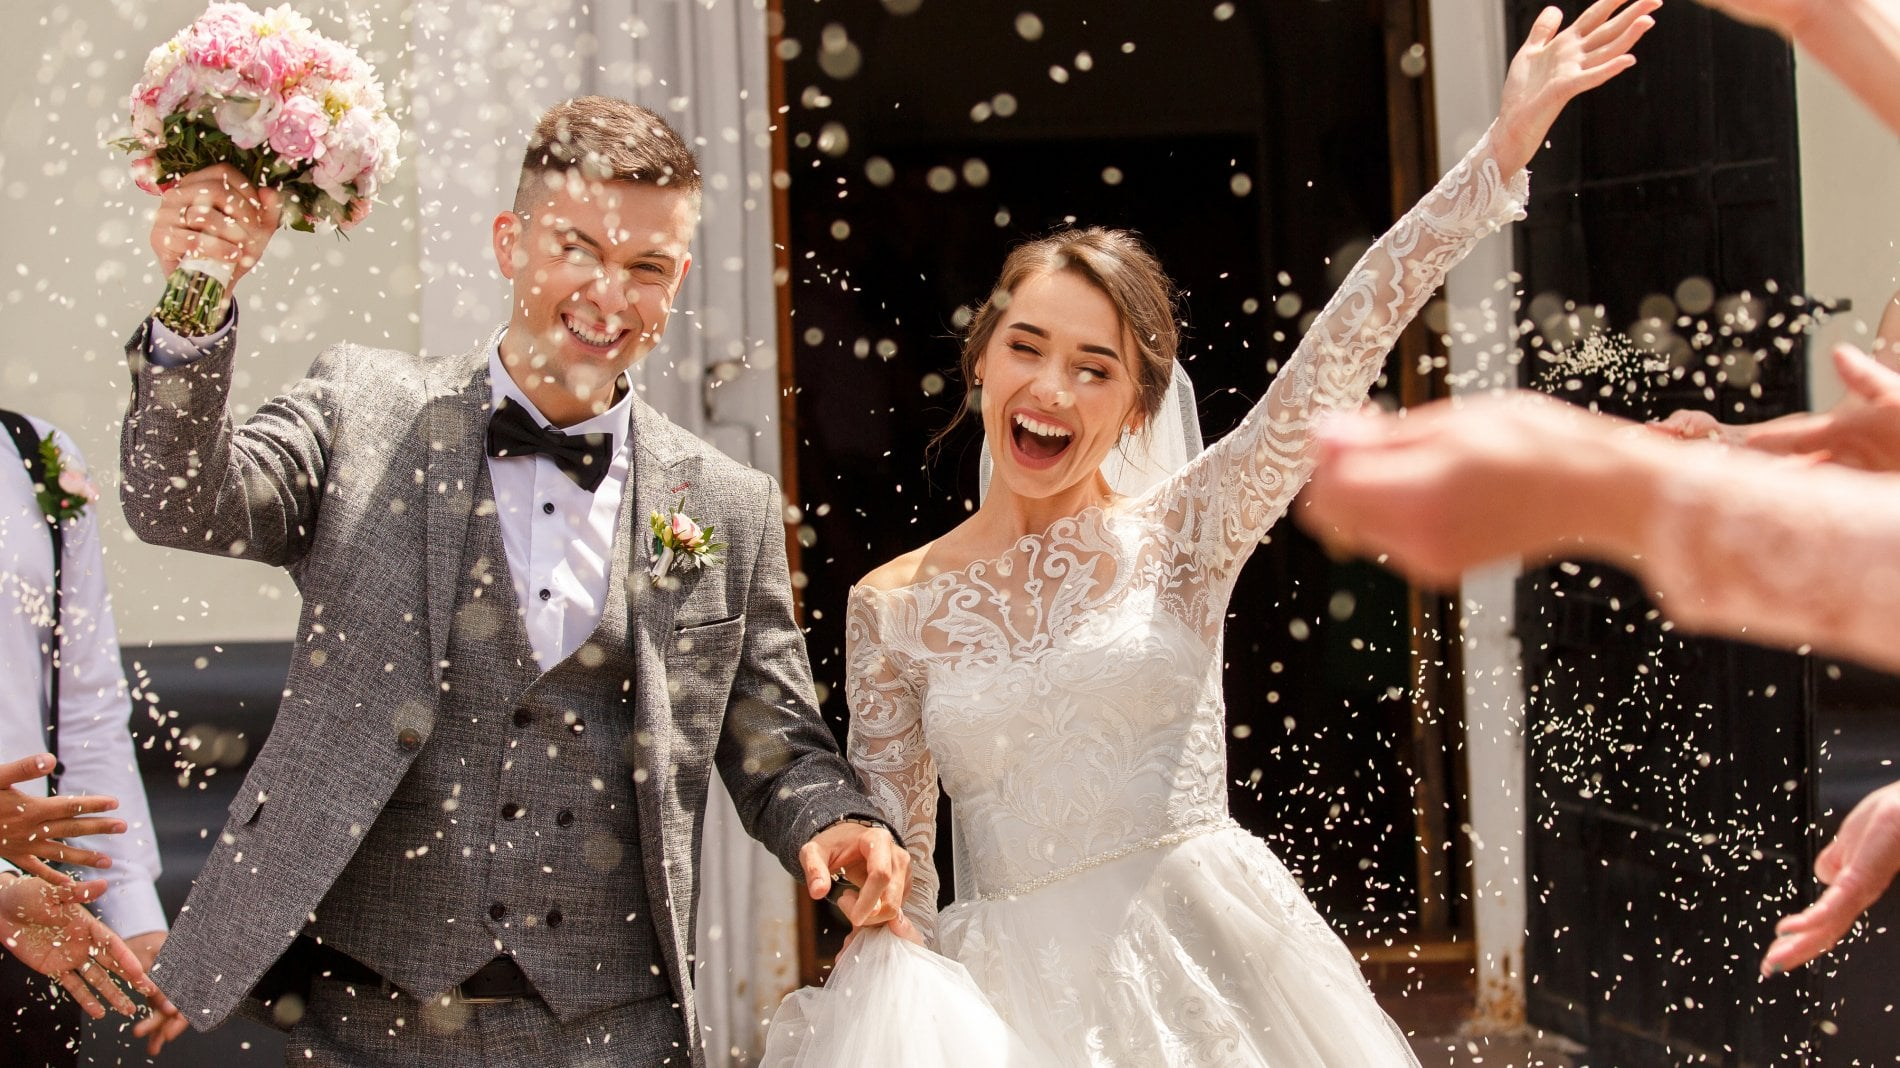 Ti invito a nozze: il decalogo del dress code (e gli errori da evitare) per lei e per lui